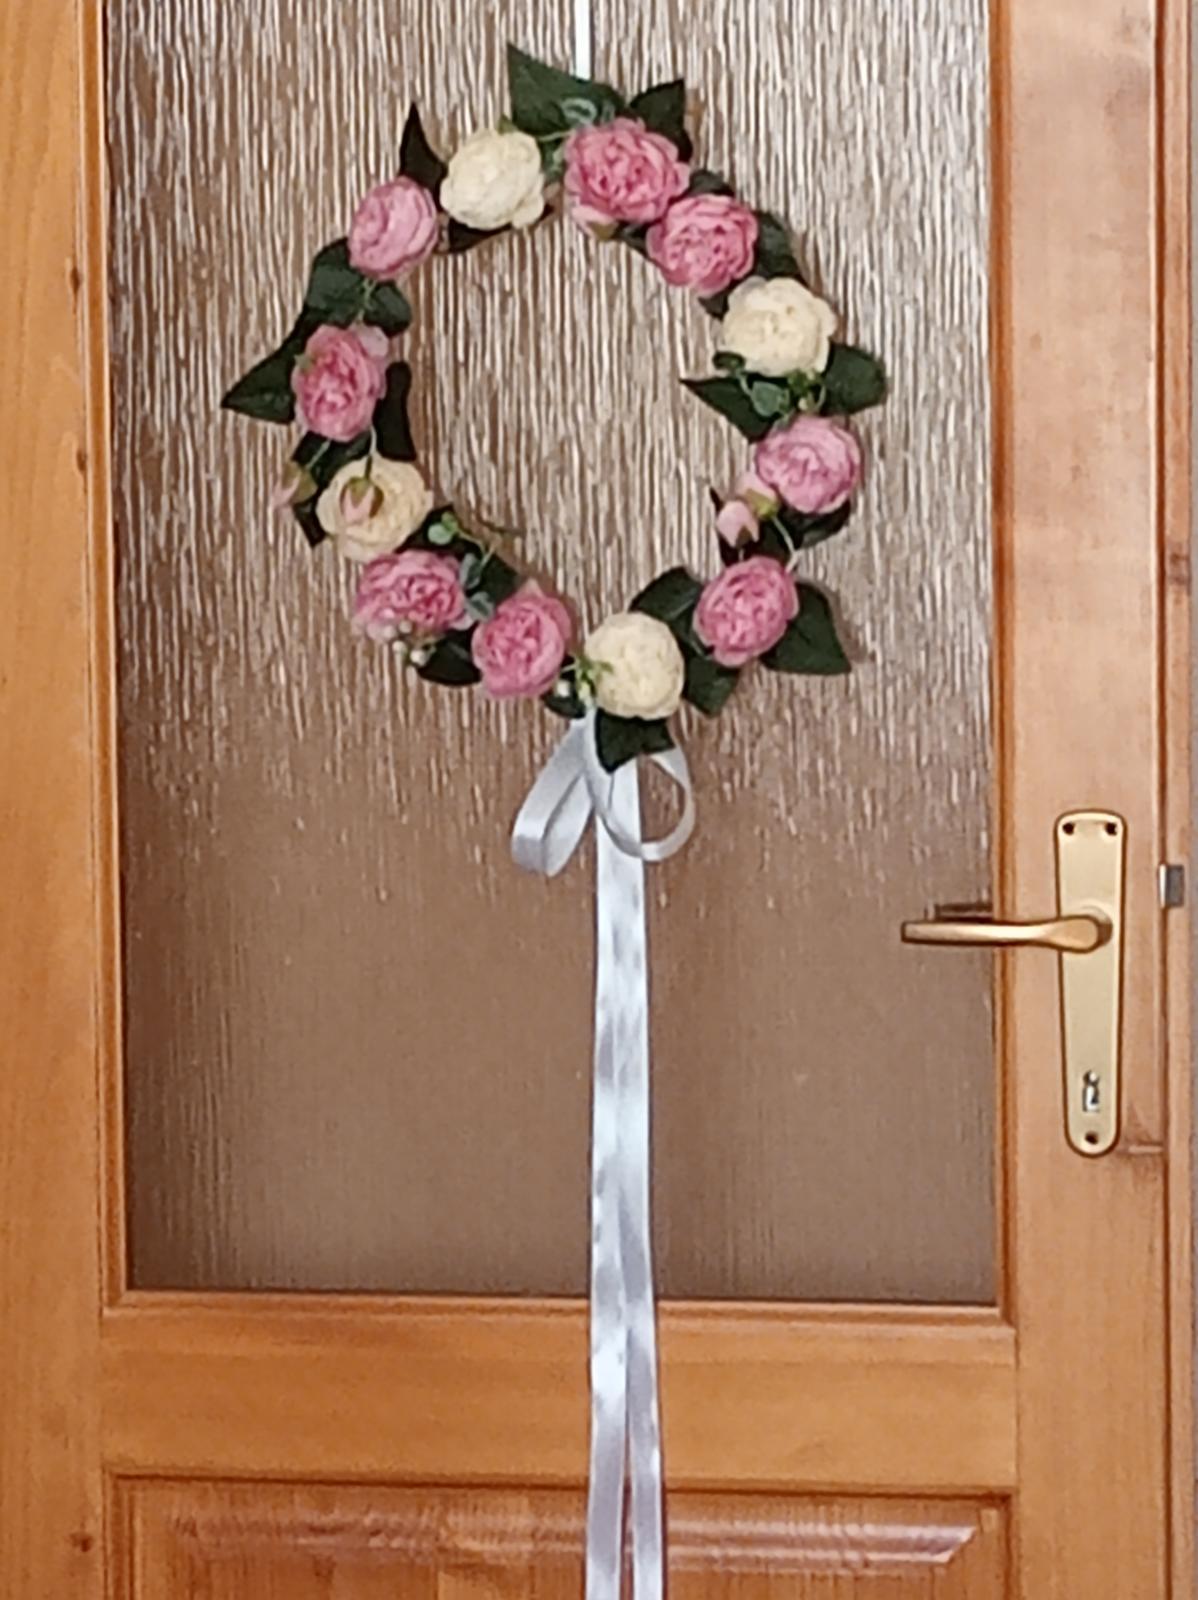 svadobný veniec na dvere - Obrázok č. 1